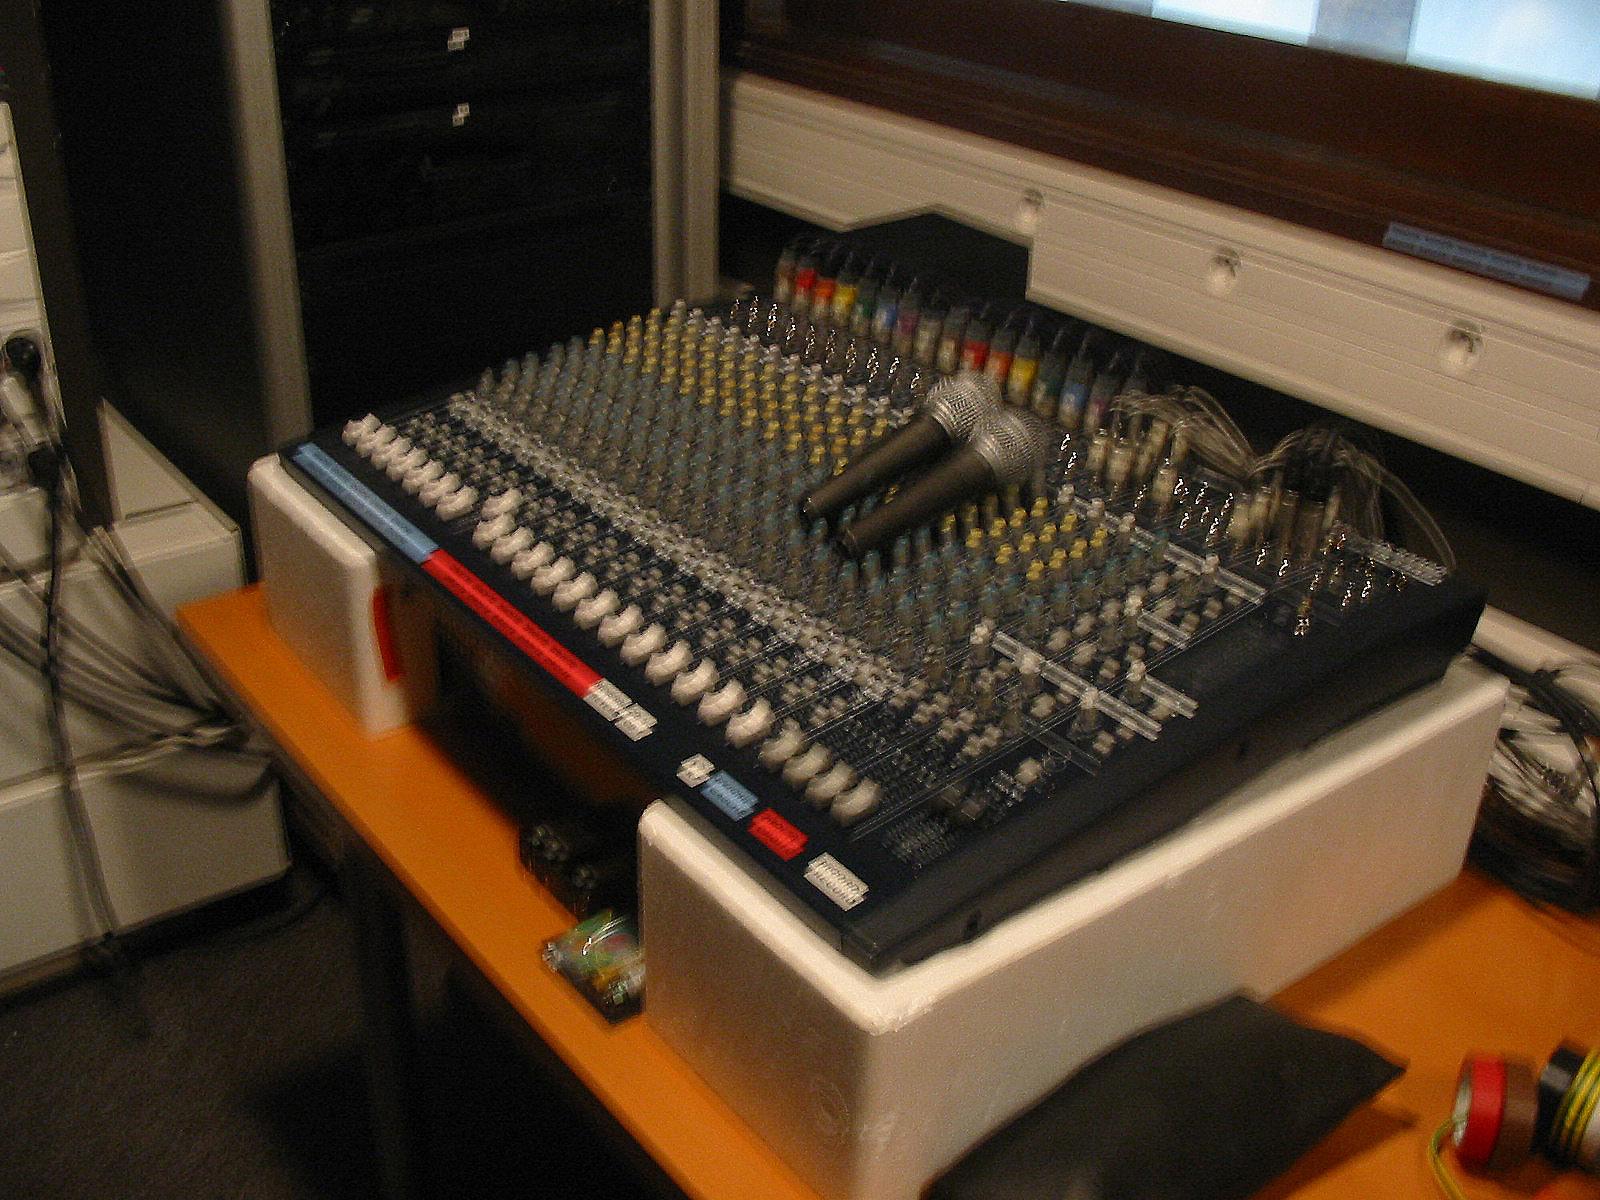 Behringer Eurodesk Mx2442a : behringer eurodesk mx2442a image 169150 audiofanzine ~ Russianpoet.info Haus und Dekorationen